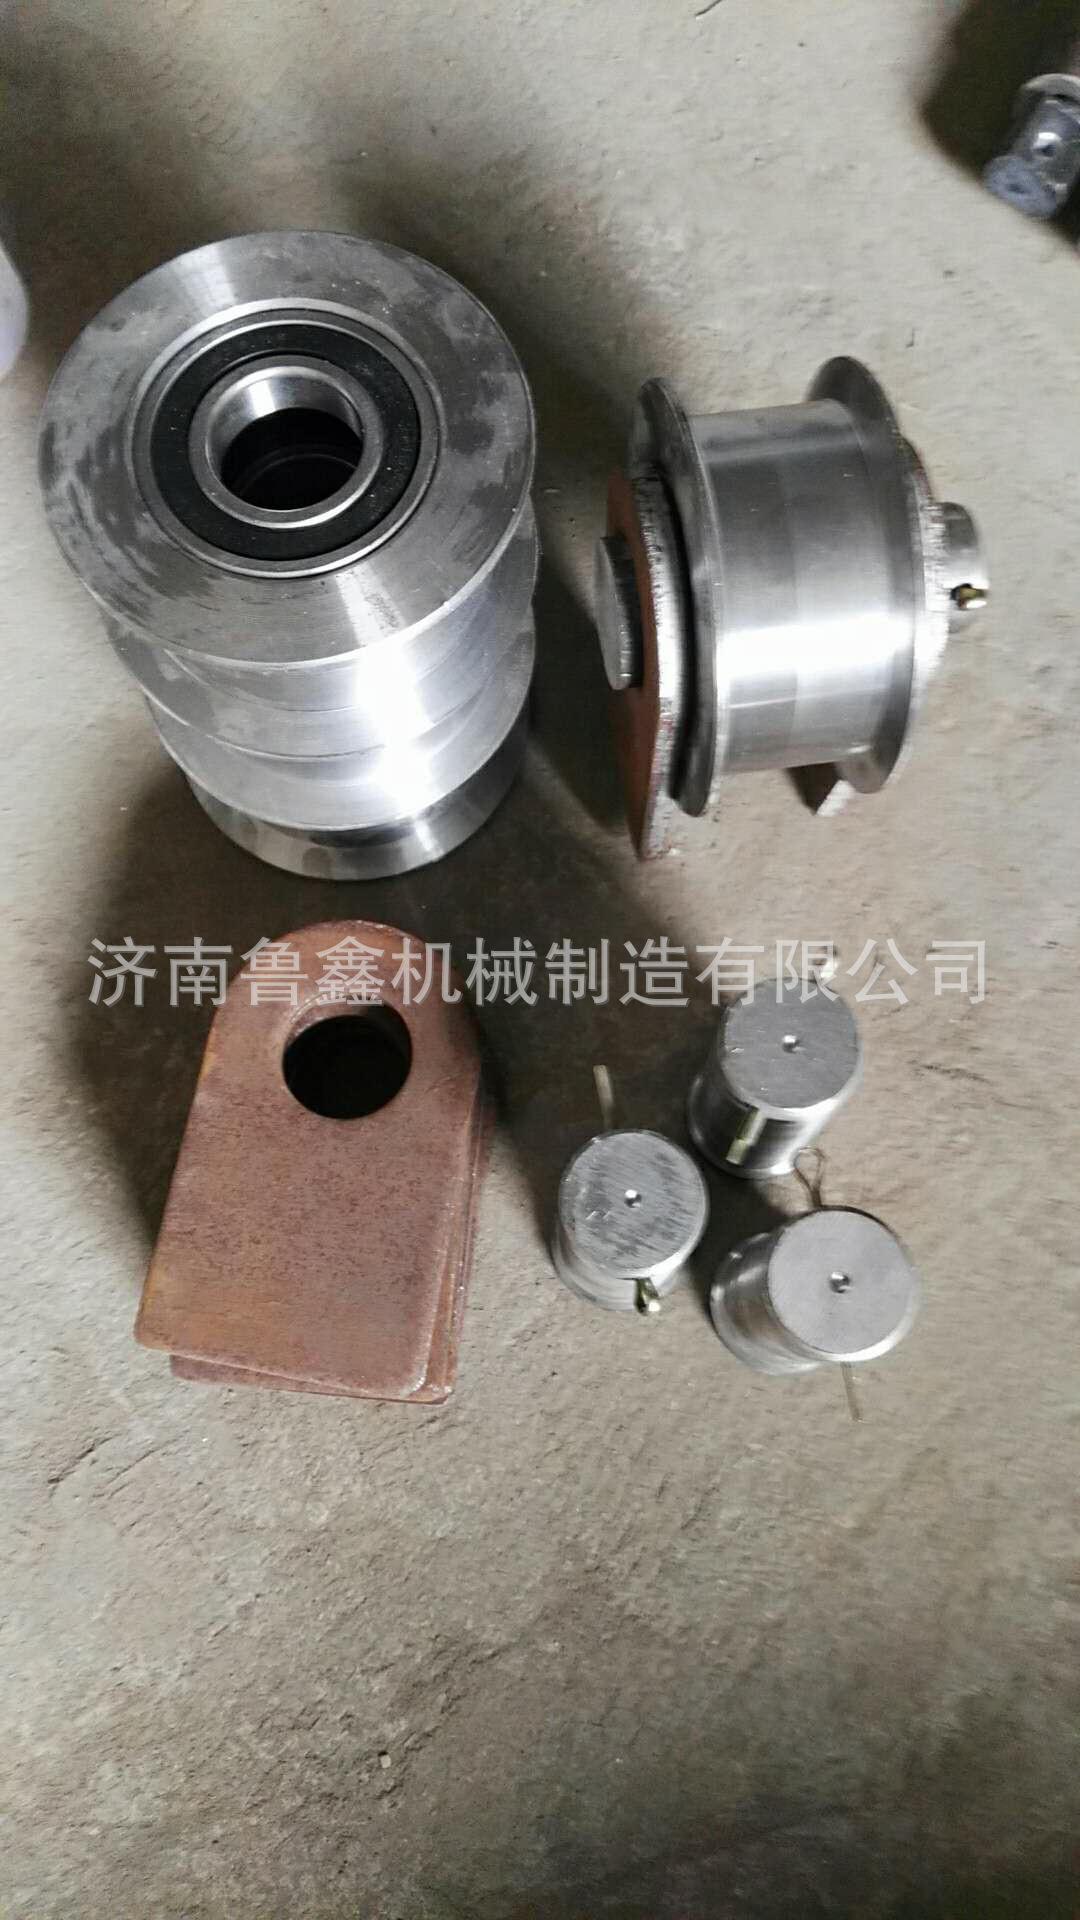 环保工程车辆液压油缸厂家定做批发 80/65-300 济南鲁鑫示例图26